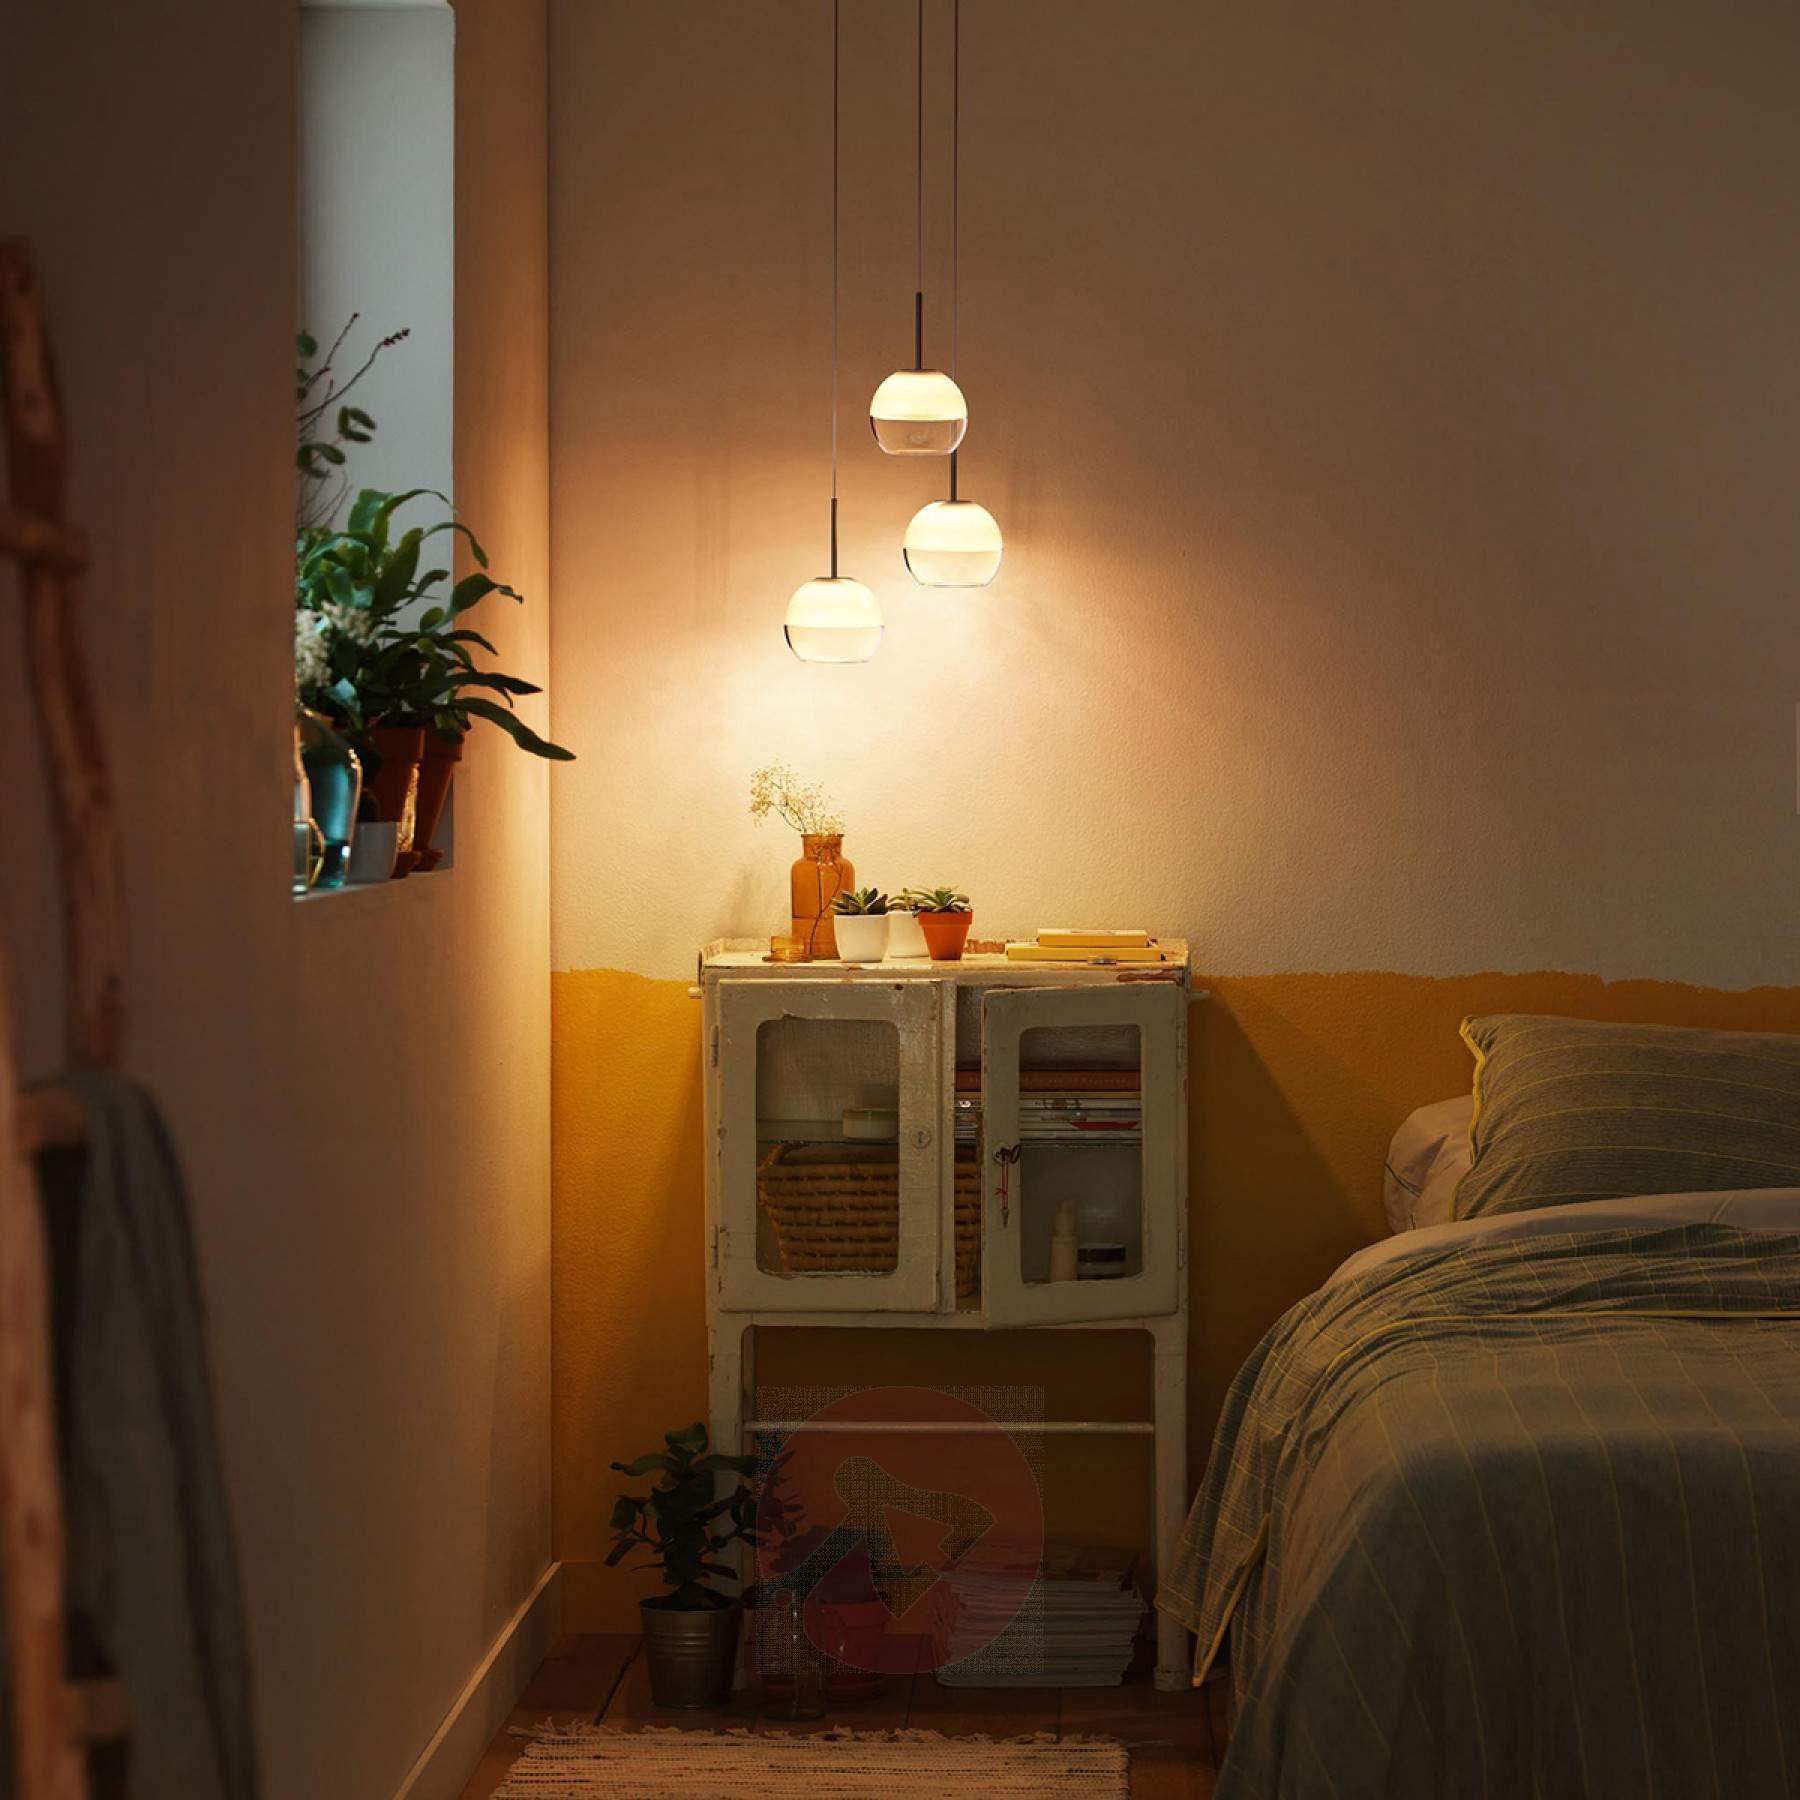 led pendelleuchte arago aus glas eine sch ne alternative zur klassischen nachttischleuchte. Black Bedroom Furniture Sets. Home Design Ideas